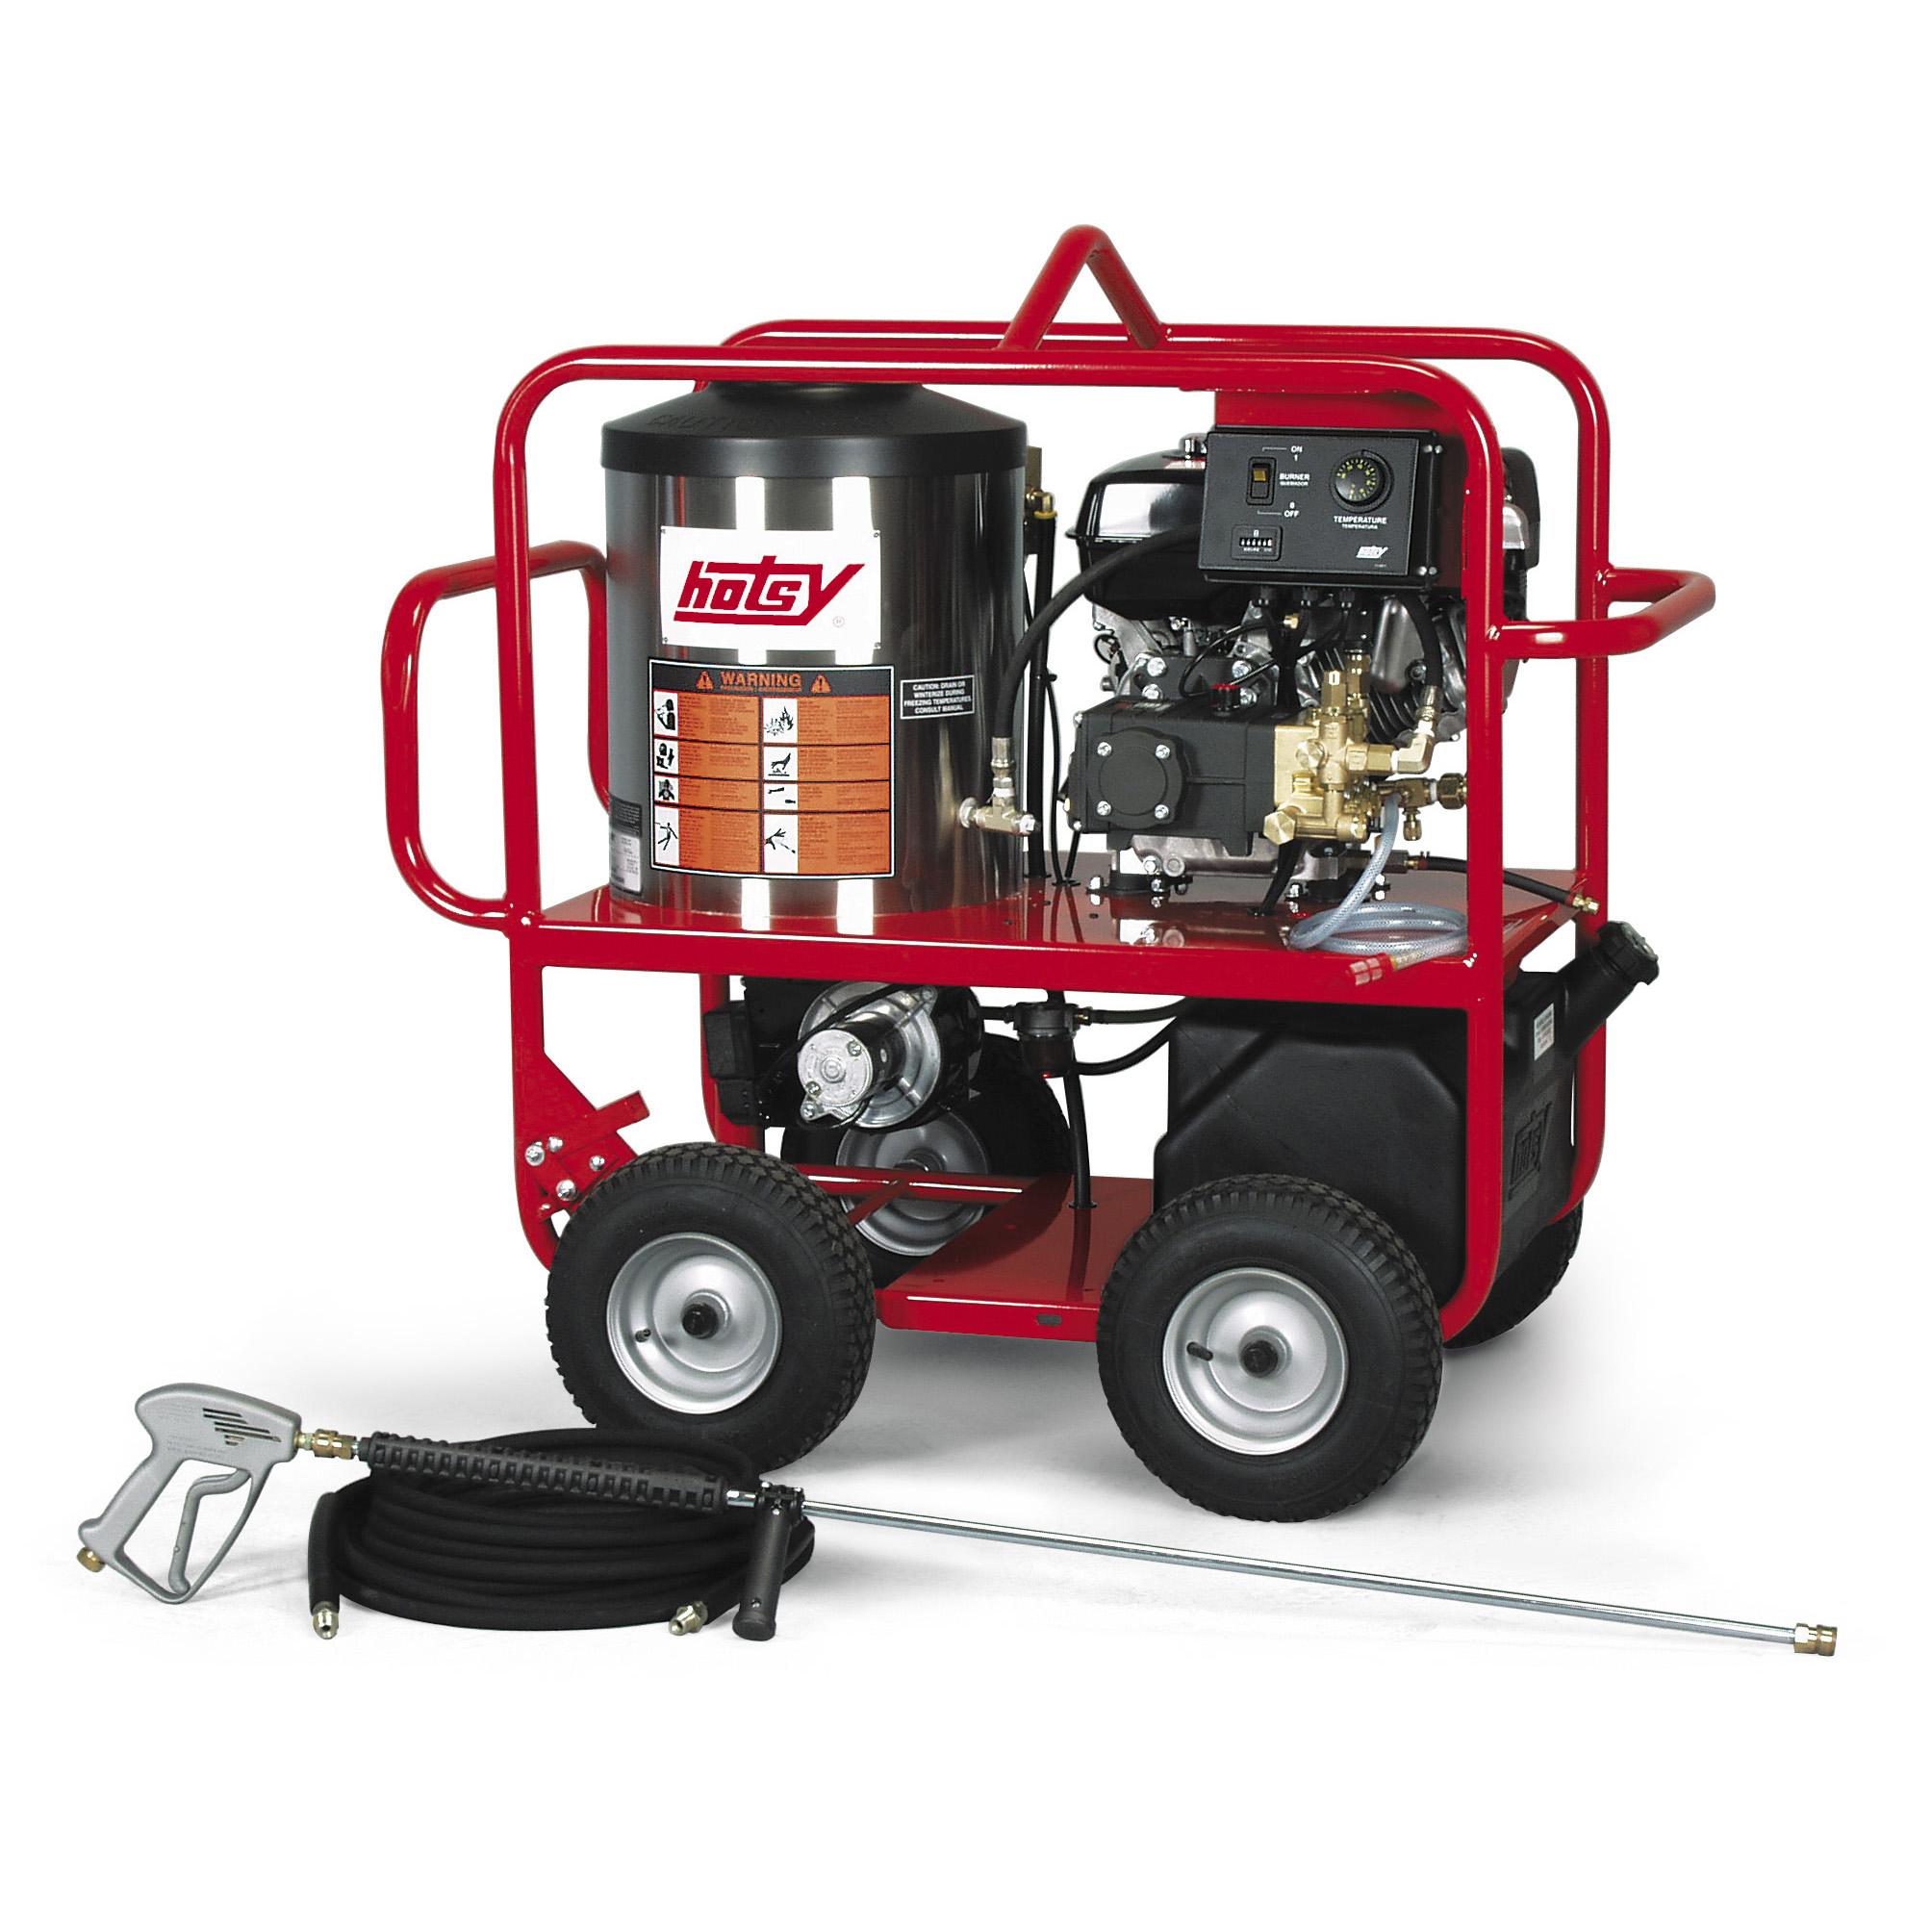 hotsy industrial pressure washers hotsy of western montana rh hotsywesternmt com Hotsy Pressure Washer Manual Hotsy Parts Manual